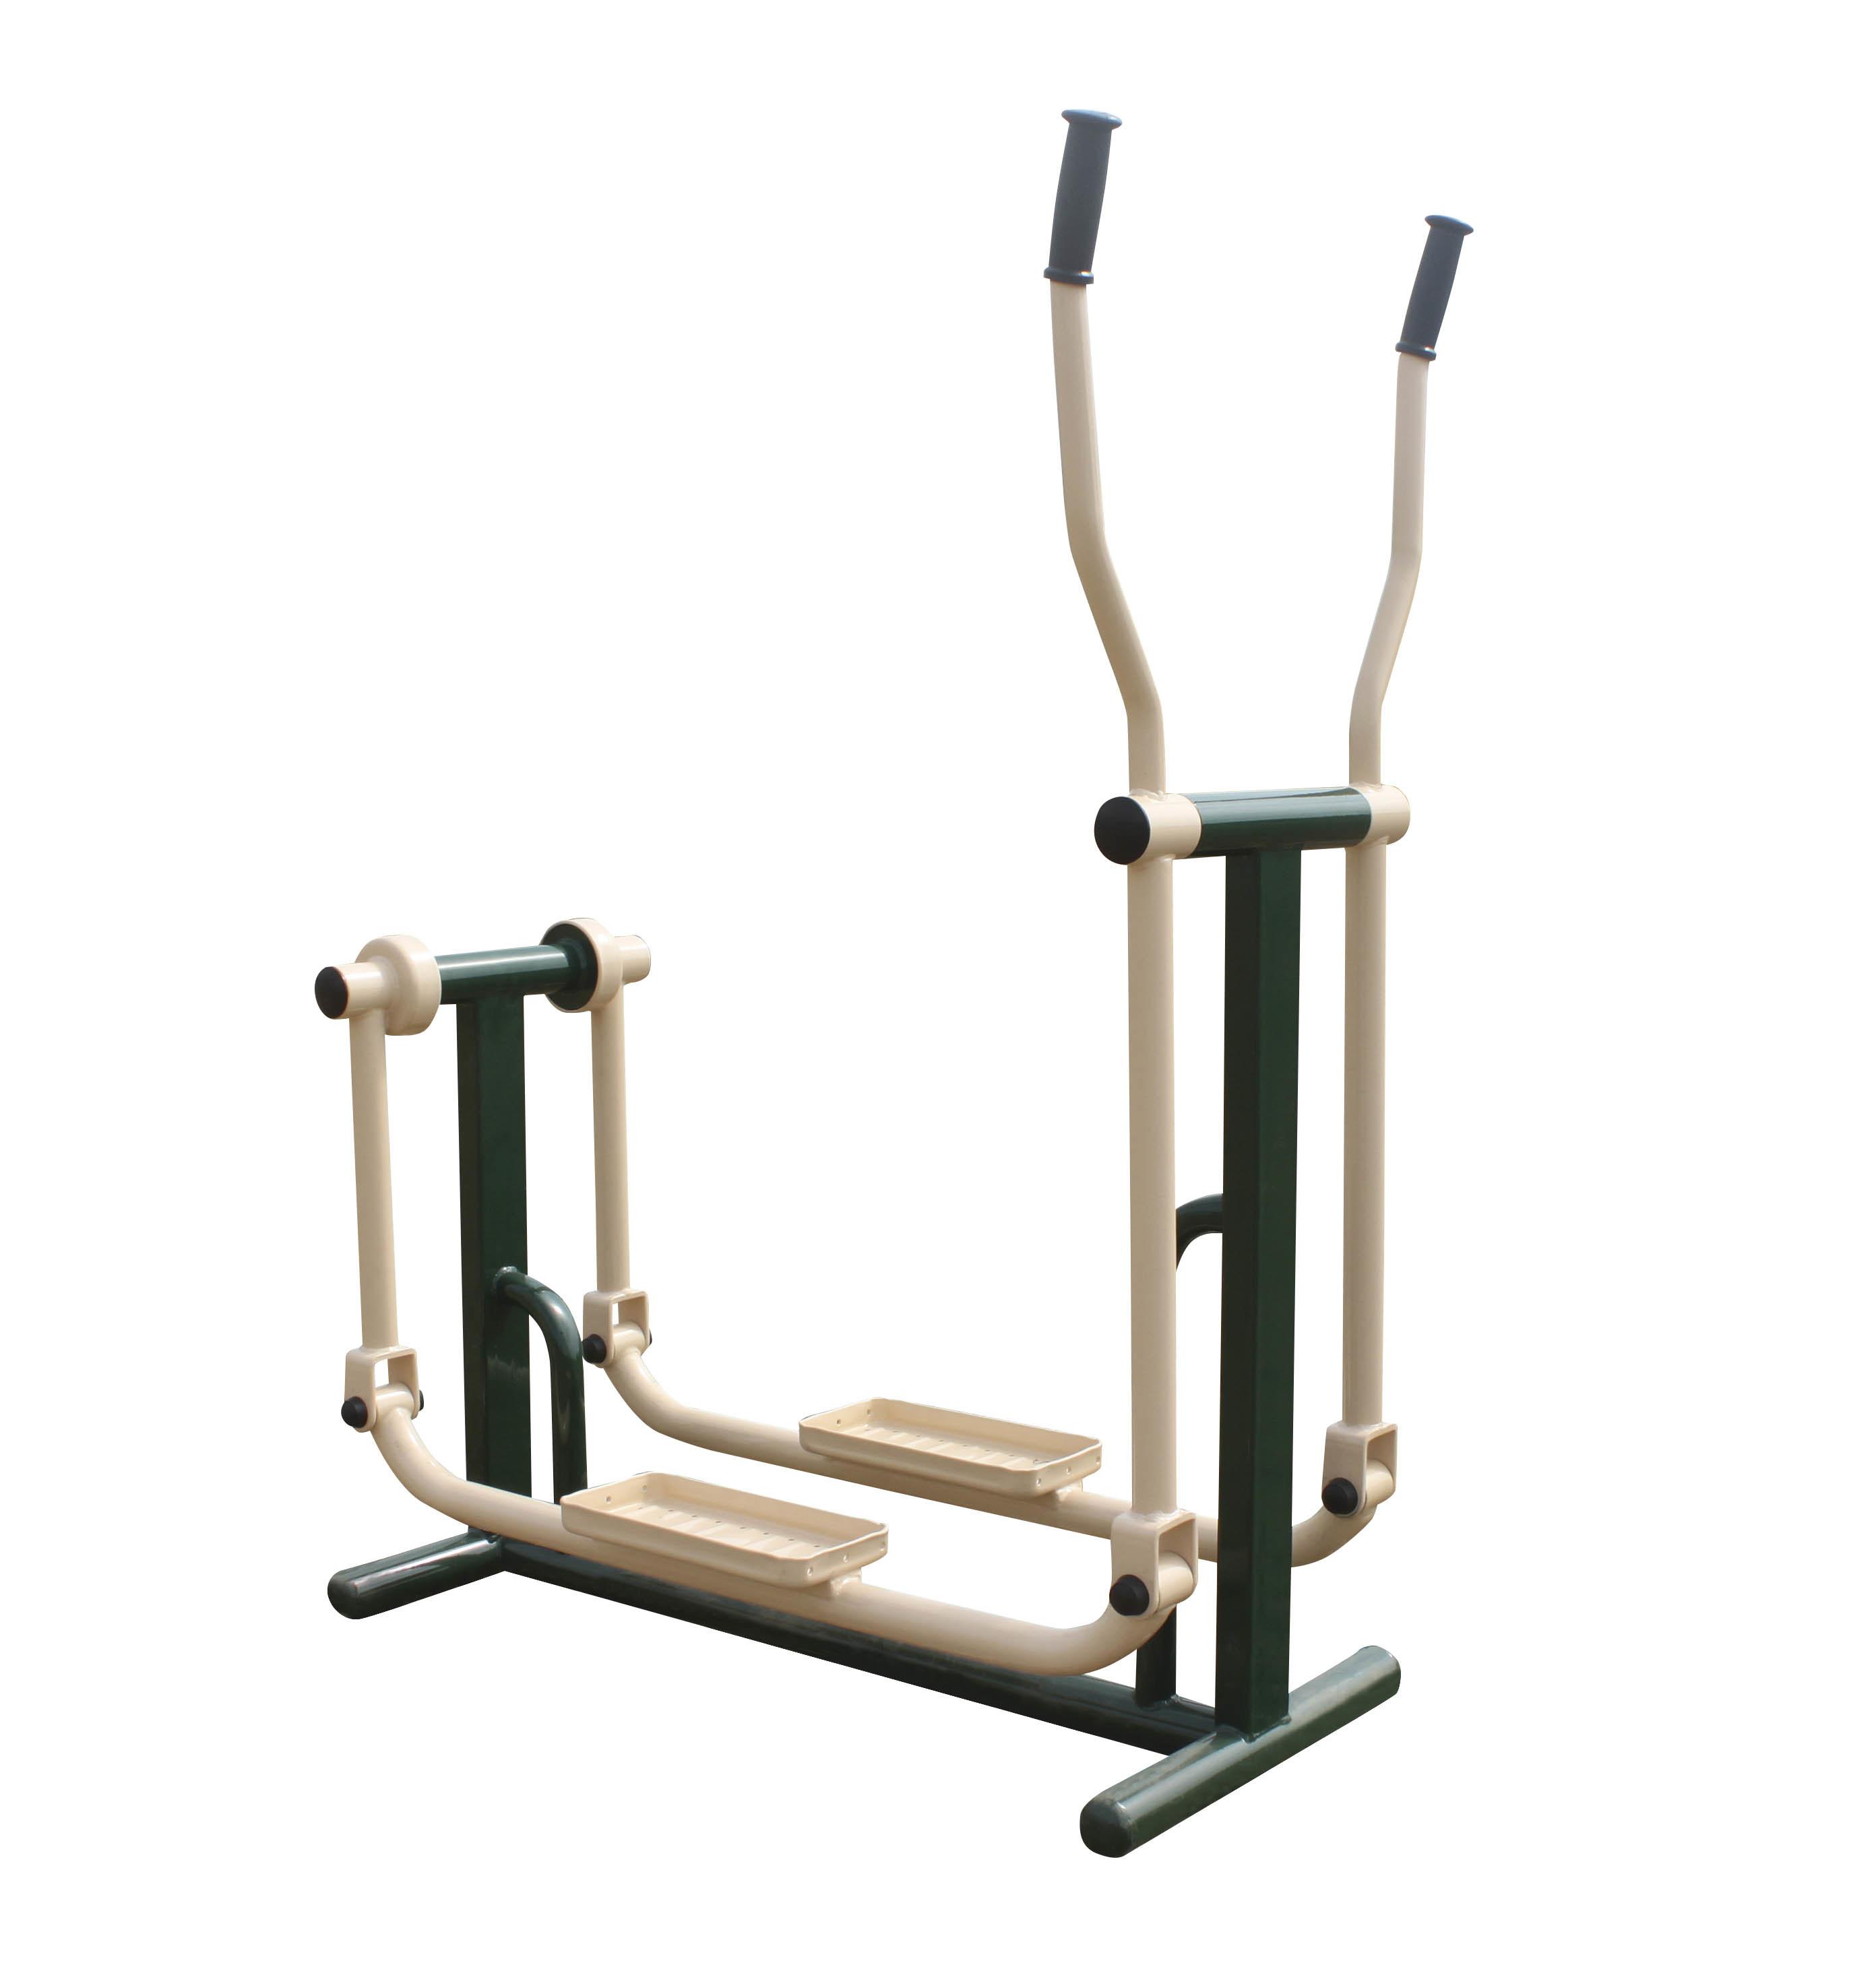 Walker Outdoor Fitness Equipment